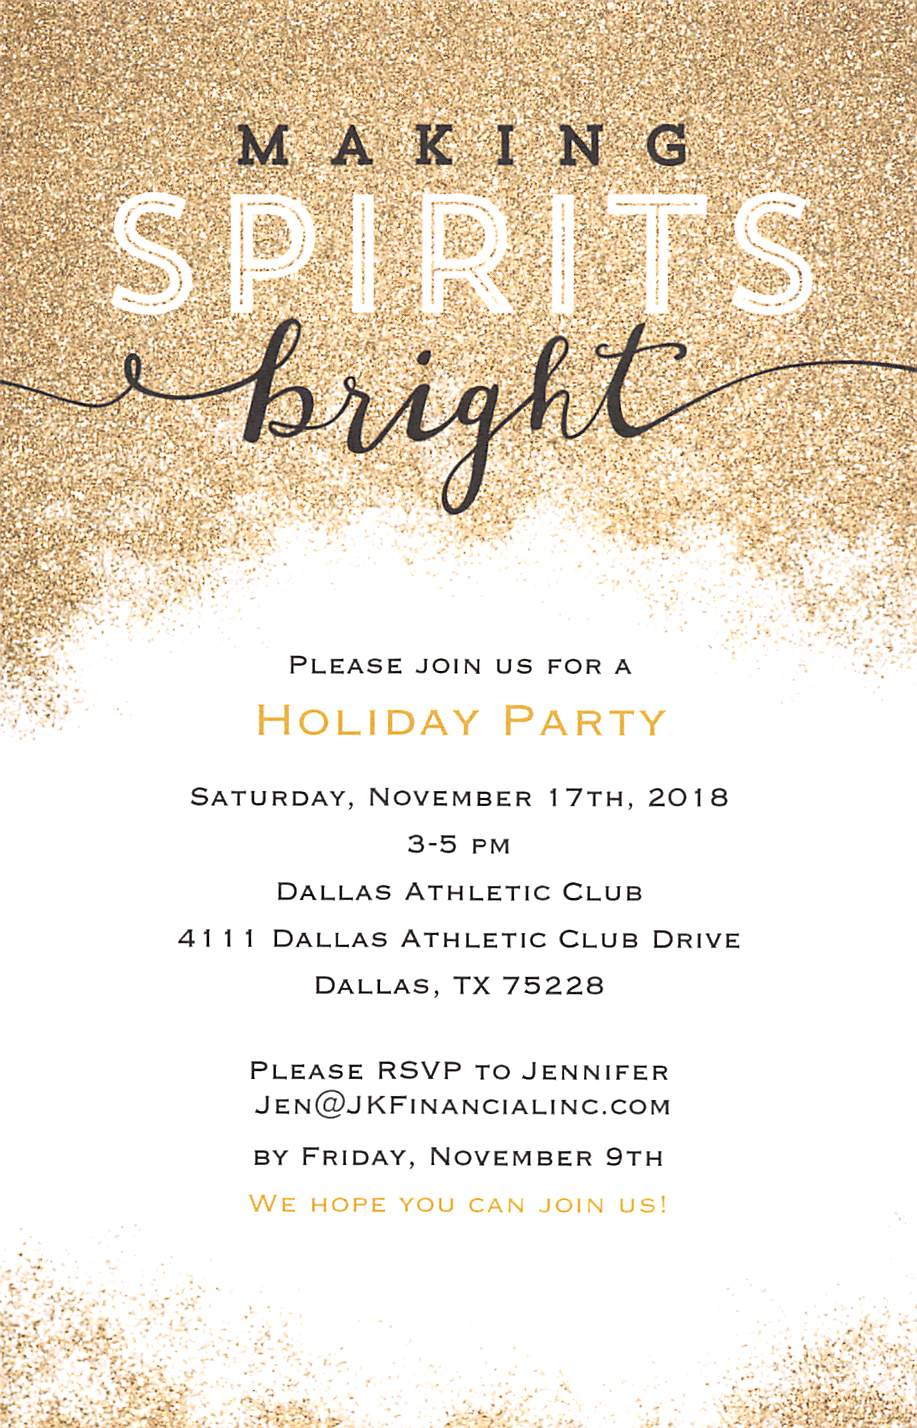 10-9-18 - Holiday Party Invitation